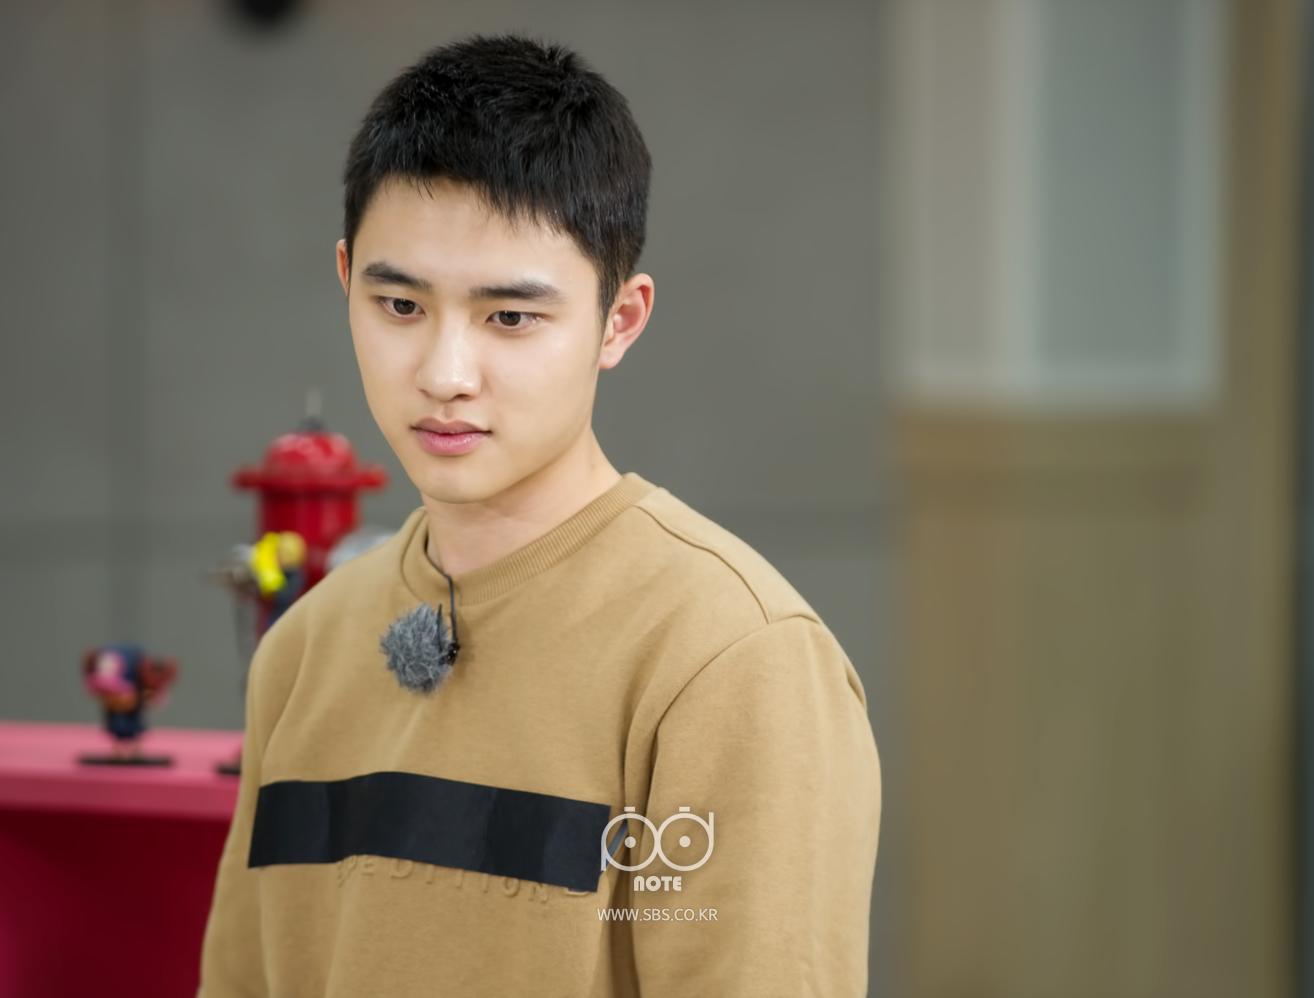 赵正锡都暻秀】【活动】电影《哥》宣传SBS Running Man 官网图韩